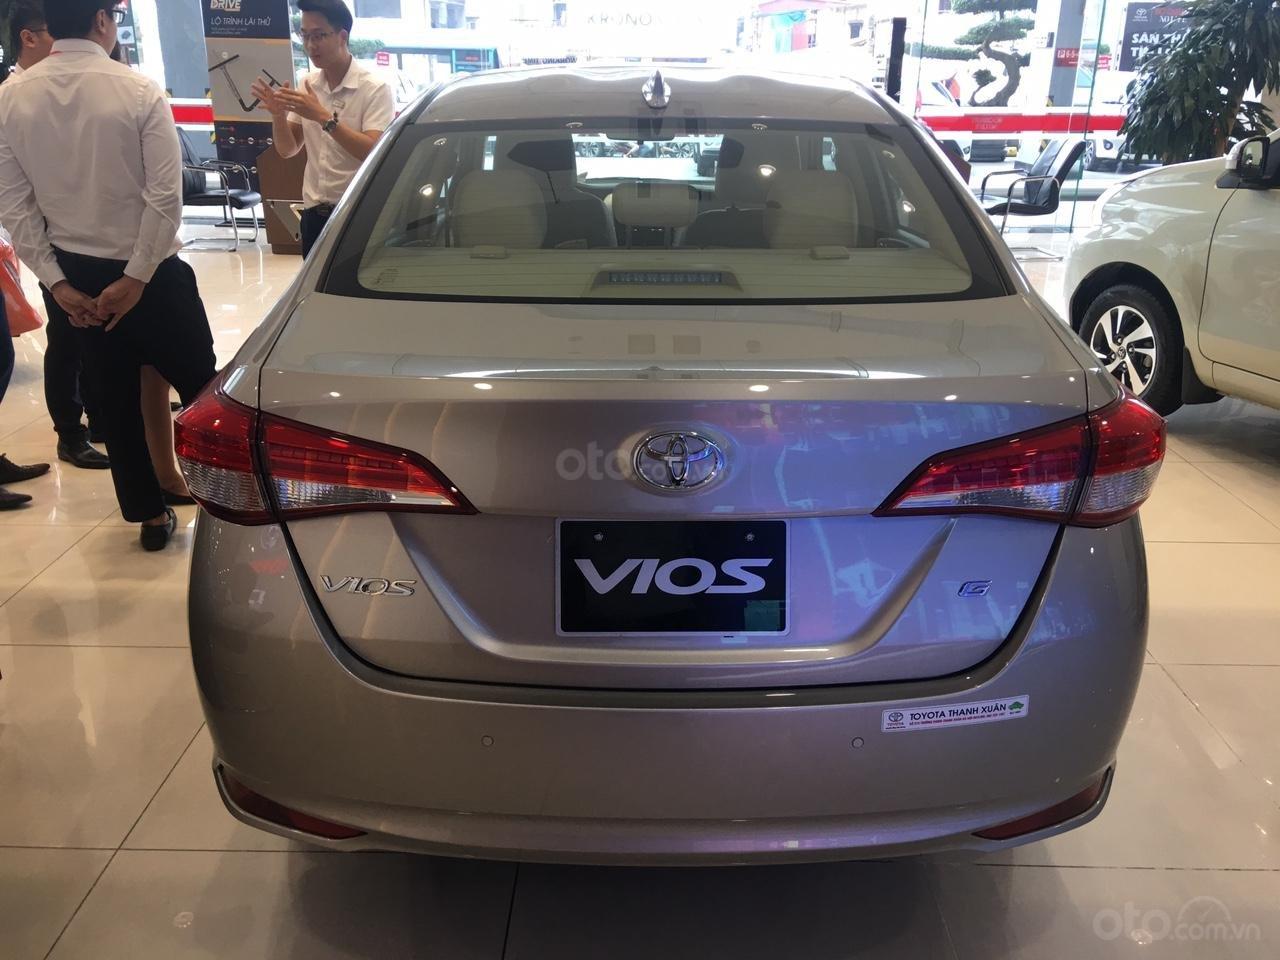 Toyota Vios E giá 497 triệu đồng tặng DVD, camera lùi, dán kính trải sàn liên hệ 093 6200062-3